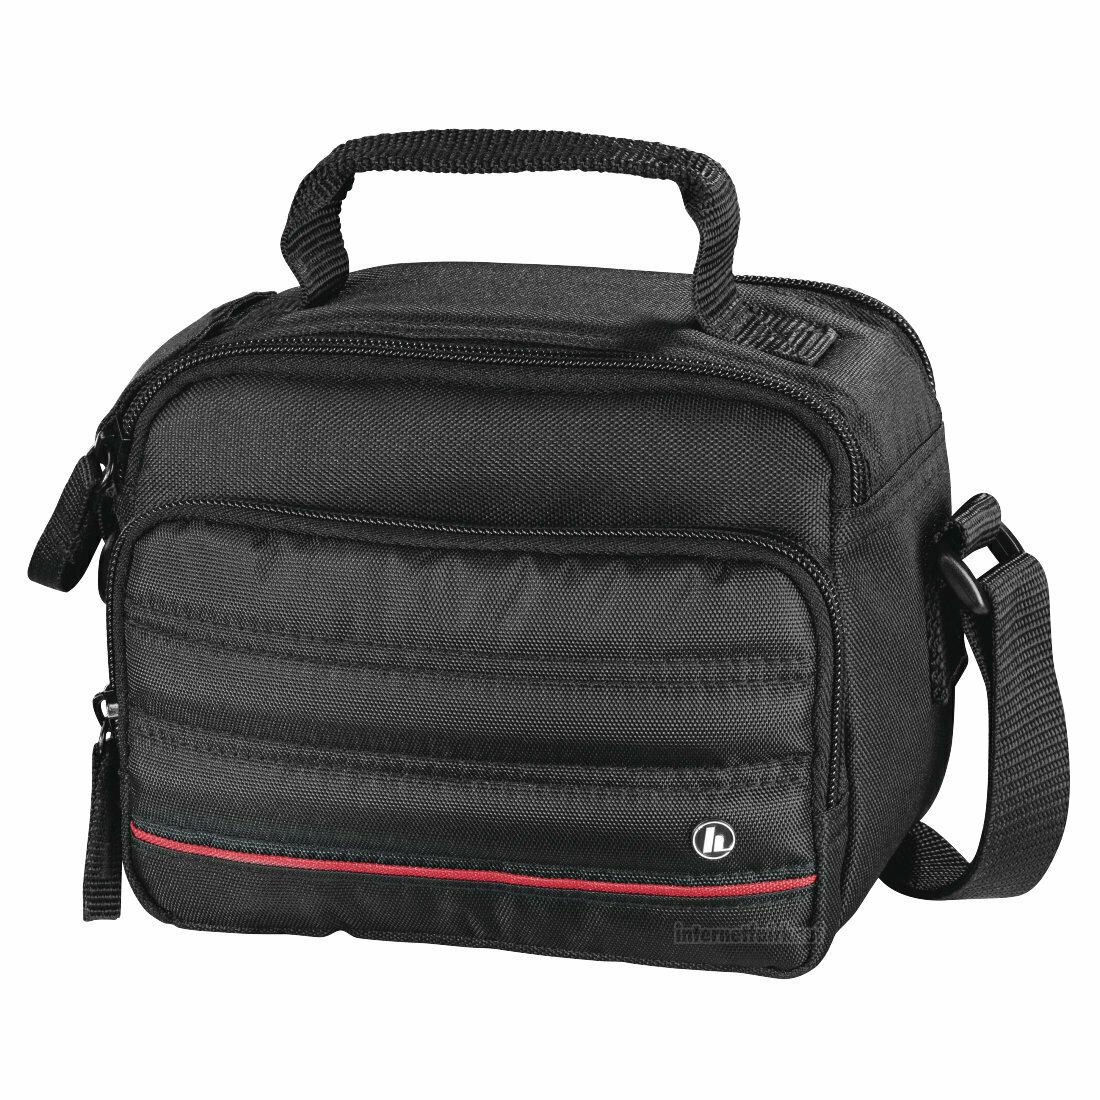 Camcorder-Tasche Video-Tasche passend für Panasonic HC-WX979 HC-VX989